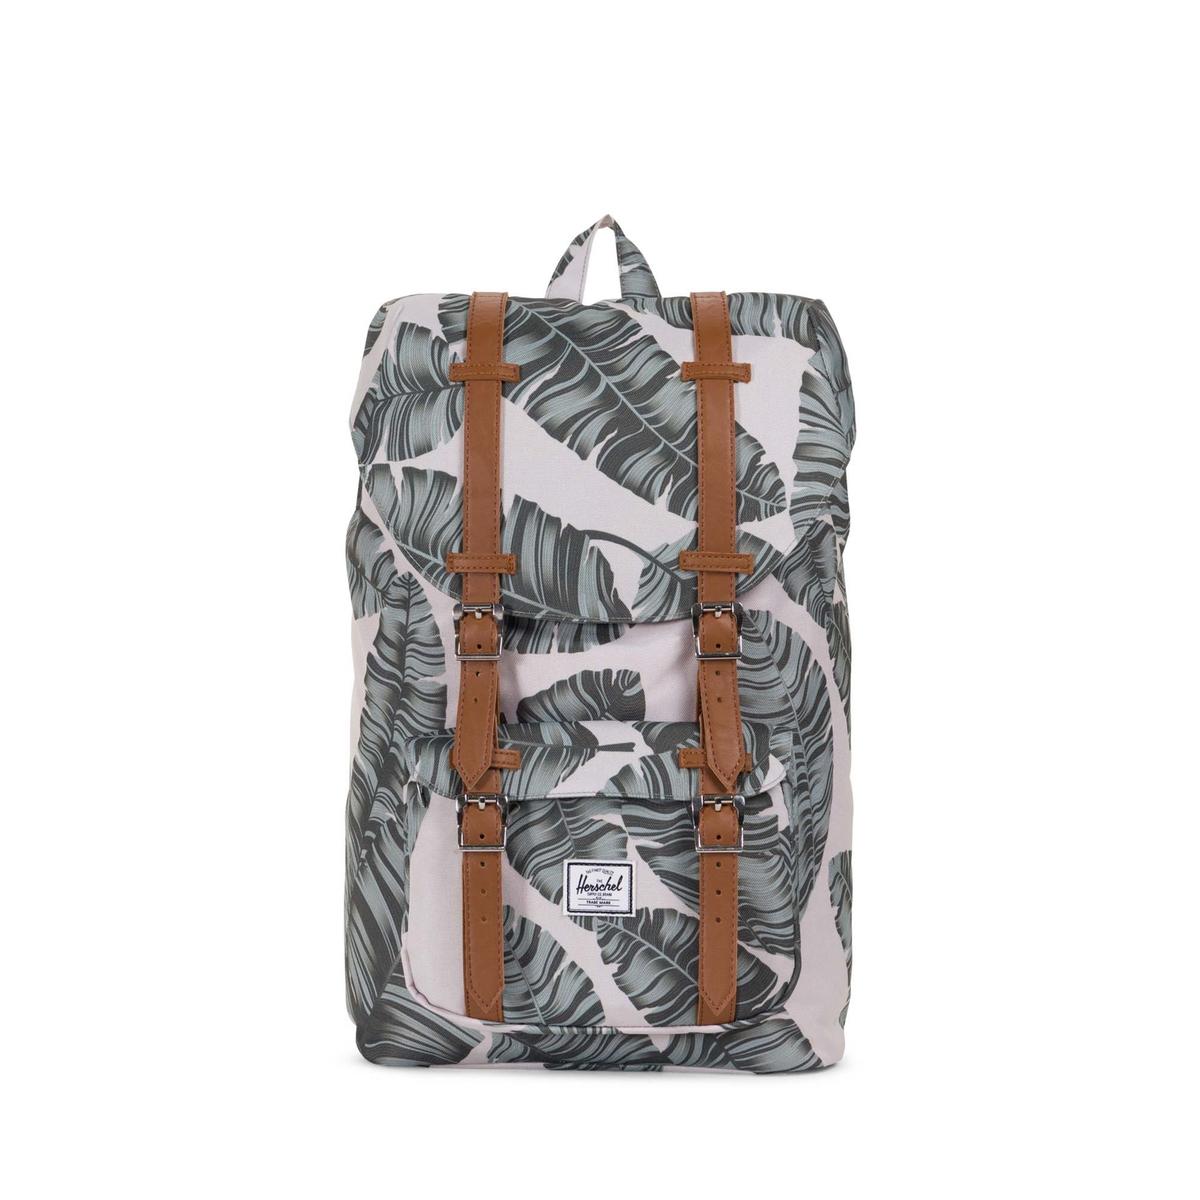 Рюкзак LITTLE AMERICA MID VOLUME 17LОписание:Рюкзак HERSCHEL модель  LITTLE AMERICA MID. Специальный карман для планшета 13 дюймов, на подкладке. Детали изделия•  Мягкий карман с подкладкой из флиса для планшета 13 дюймов .    •  Застежка на регулируемый шнурок и бретельки на магнитах .    •  Небольшой карман на молнии спереди  •  Размер : 49 x 29 x 18 см Состав и описание •  100% полиэстер •  Следуйте советам по уходу, указанным на этикетке<br><br>Цвет: рисунок листьев